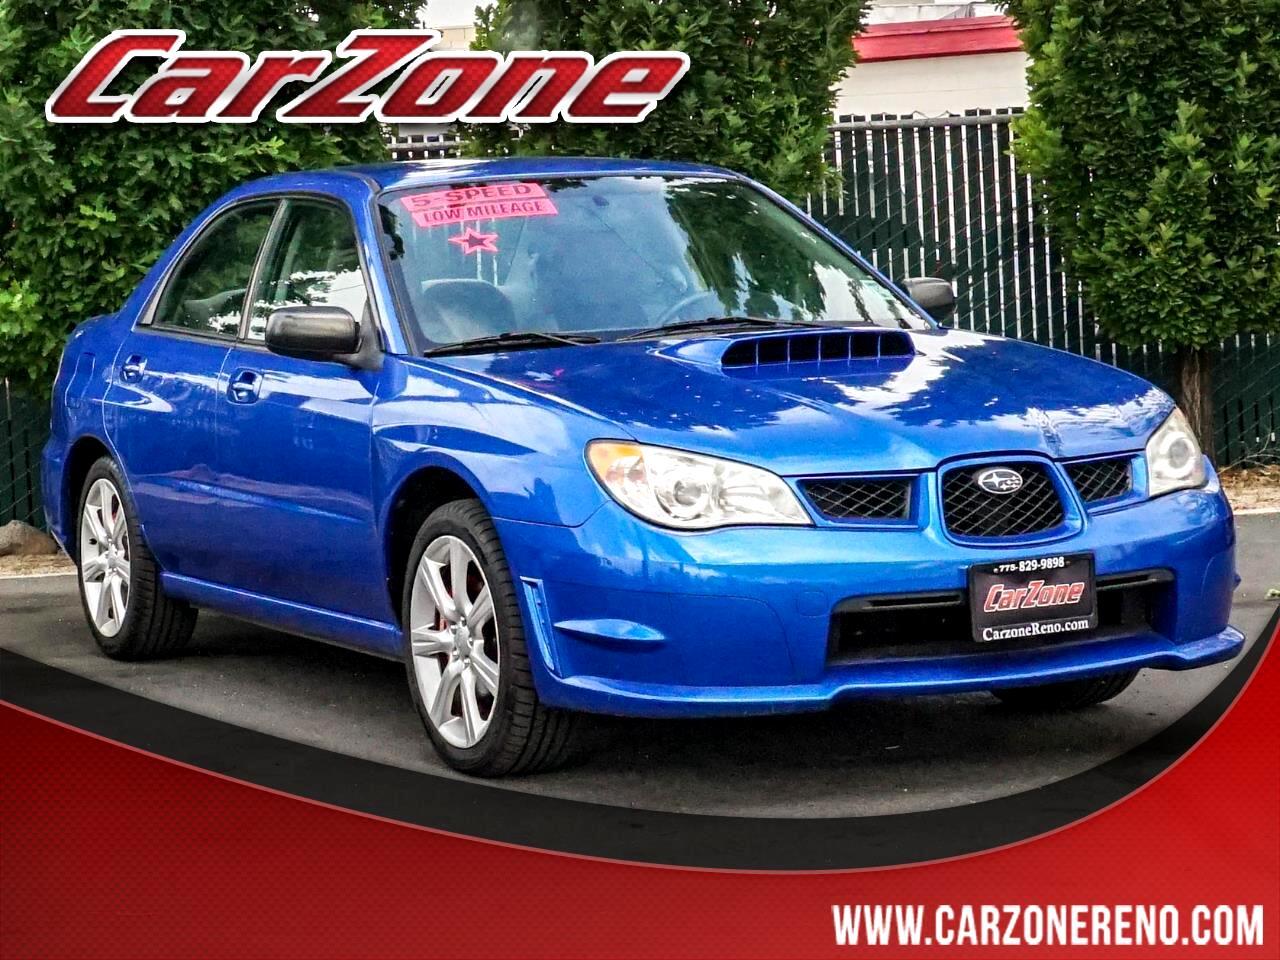 Subaru Impreza Sedan 4dr H4 Turbo MT WRX TR 2007